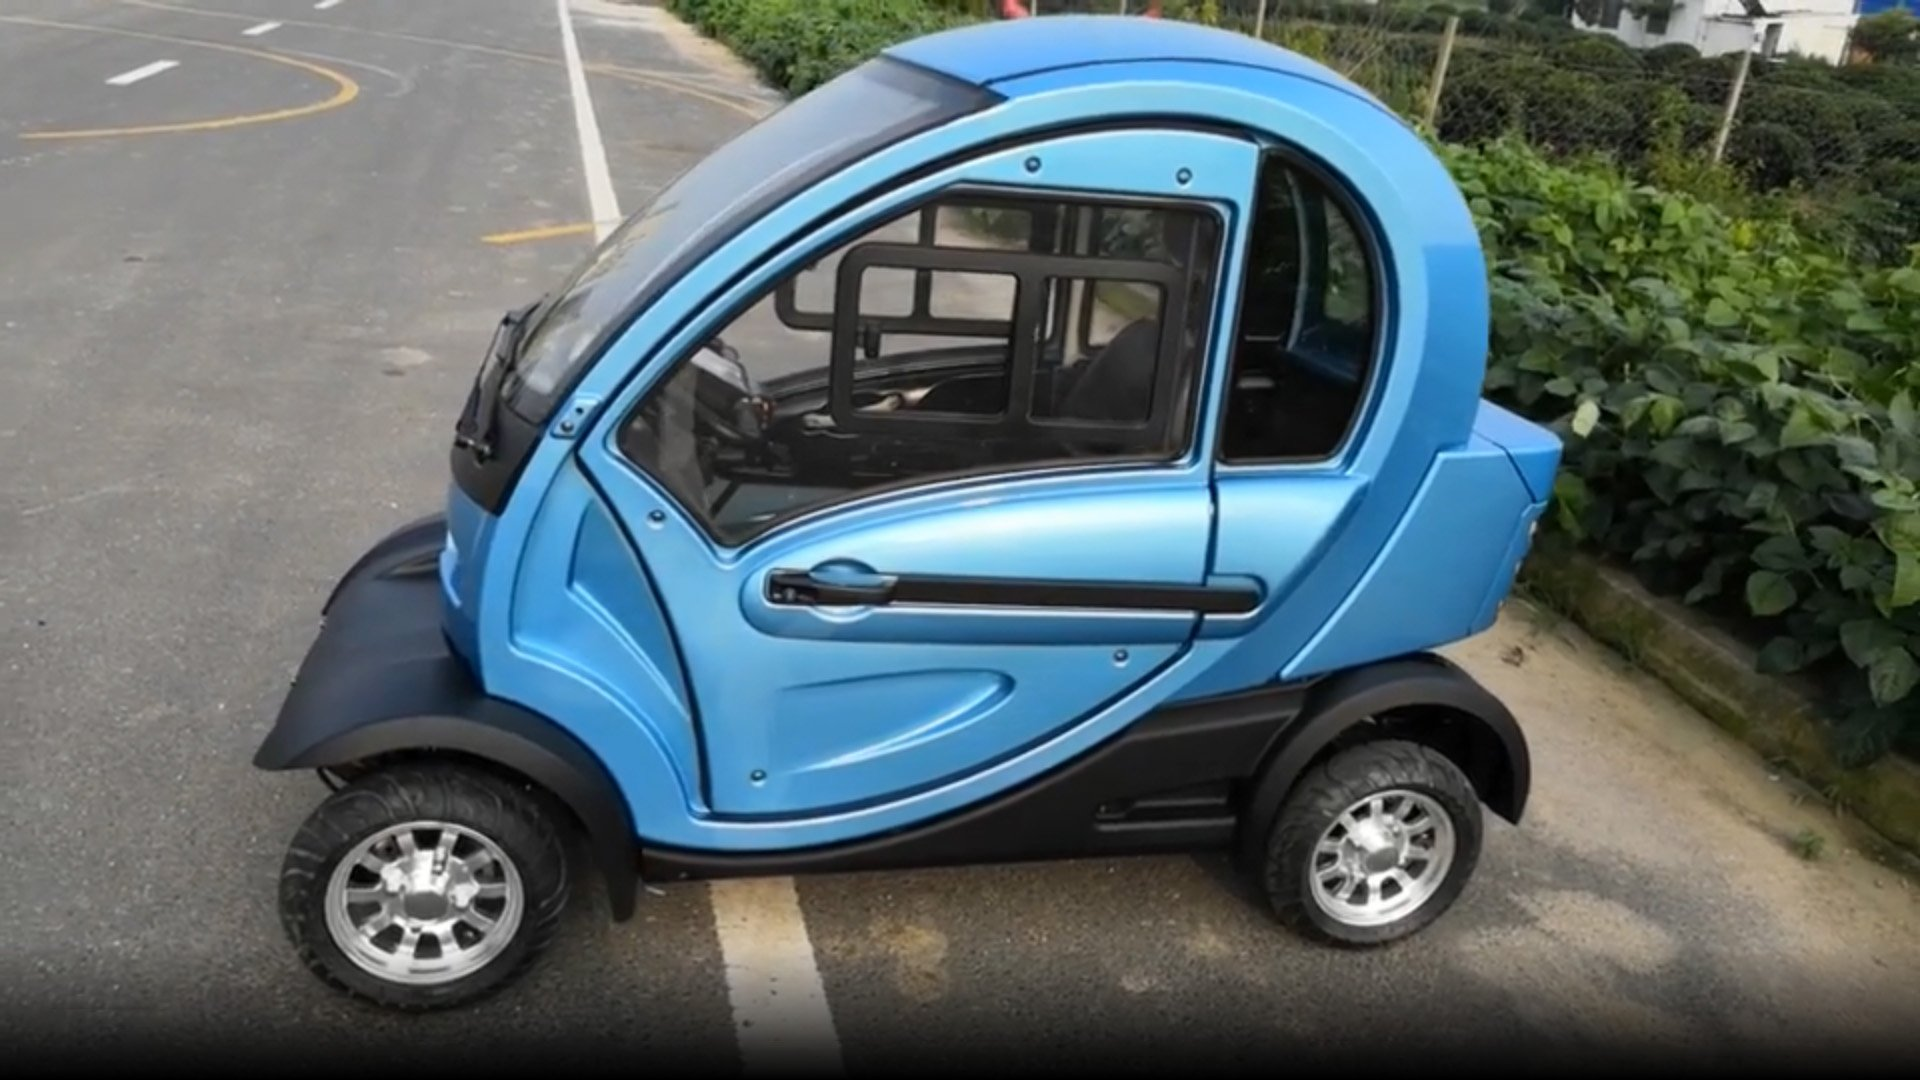 От 100 долларов: самый дешевый электромобиль в мире поступил в продажу (фото)